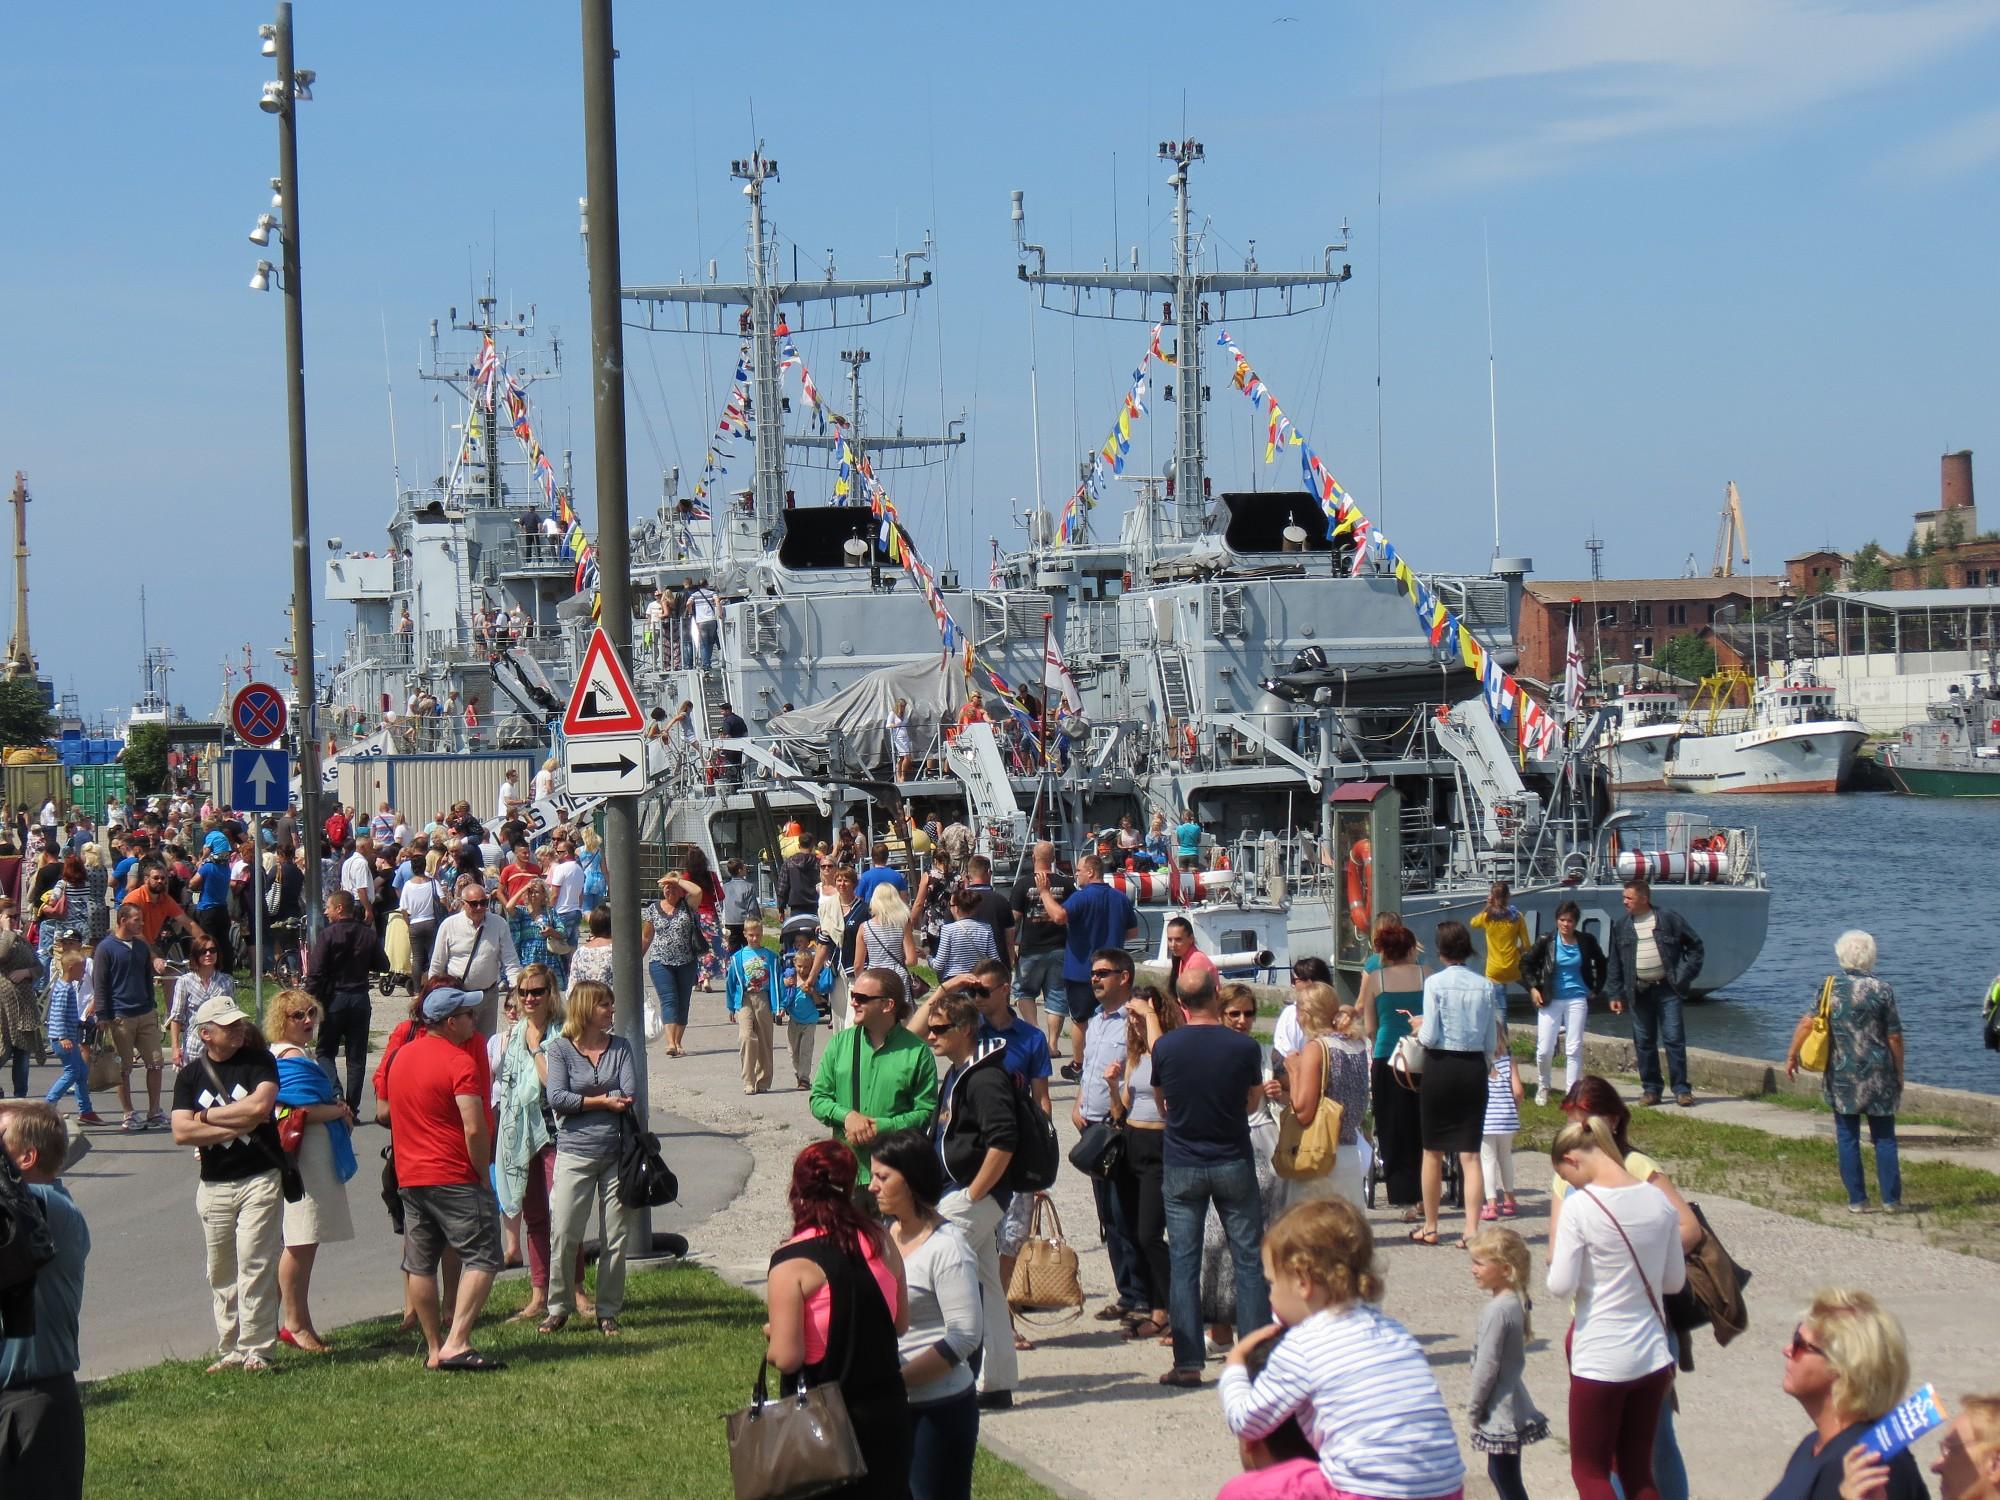 Jūras svētkos gaidāma laivu un kuģu parāde